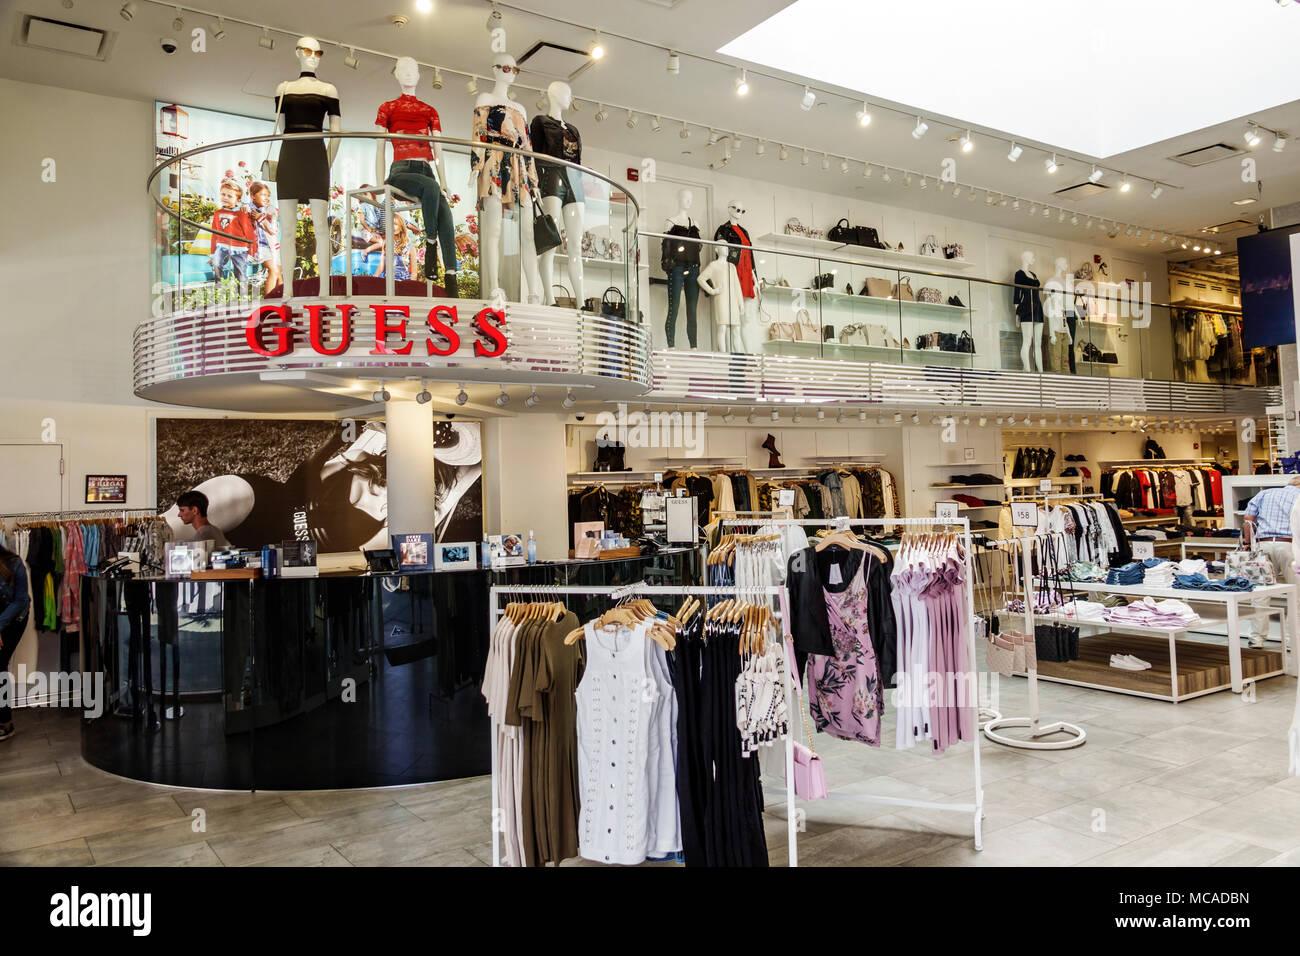 3ff53d07ad45 ... Miami Beach Lincoln Road indovinare brand di abbigliamento alla moda al  dettaglio negozio di moda display interno manichino cassiere abbigliamento  donna